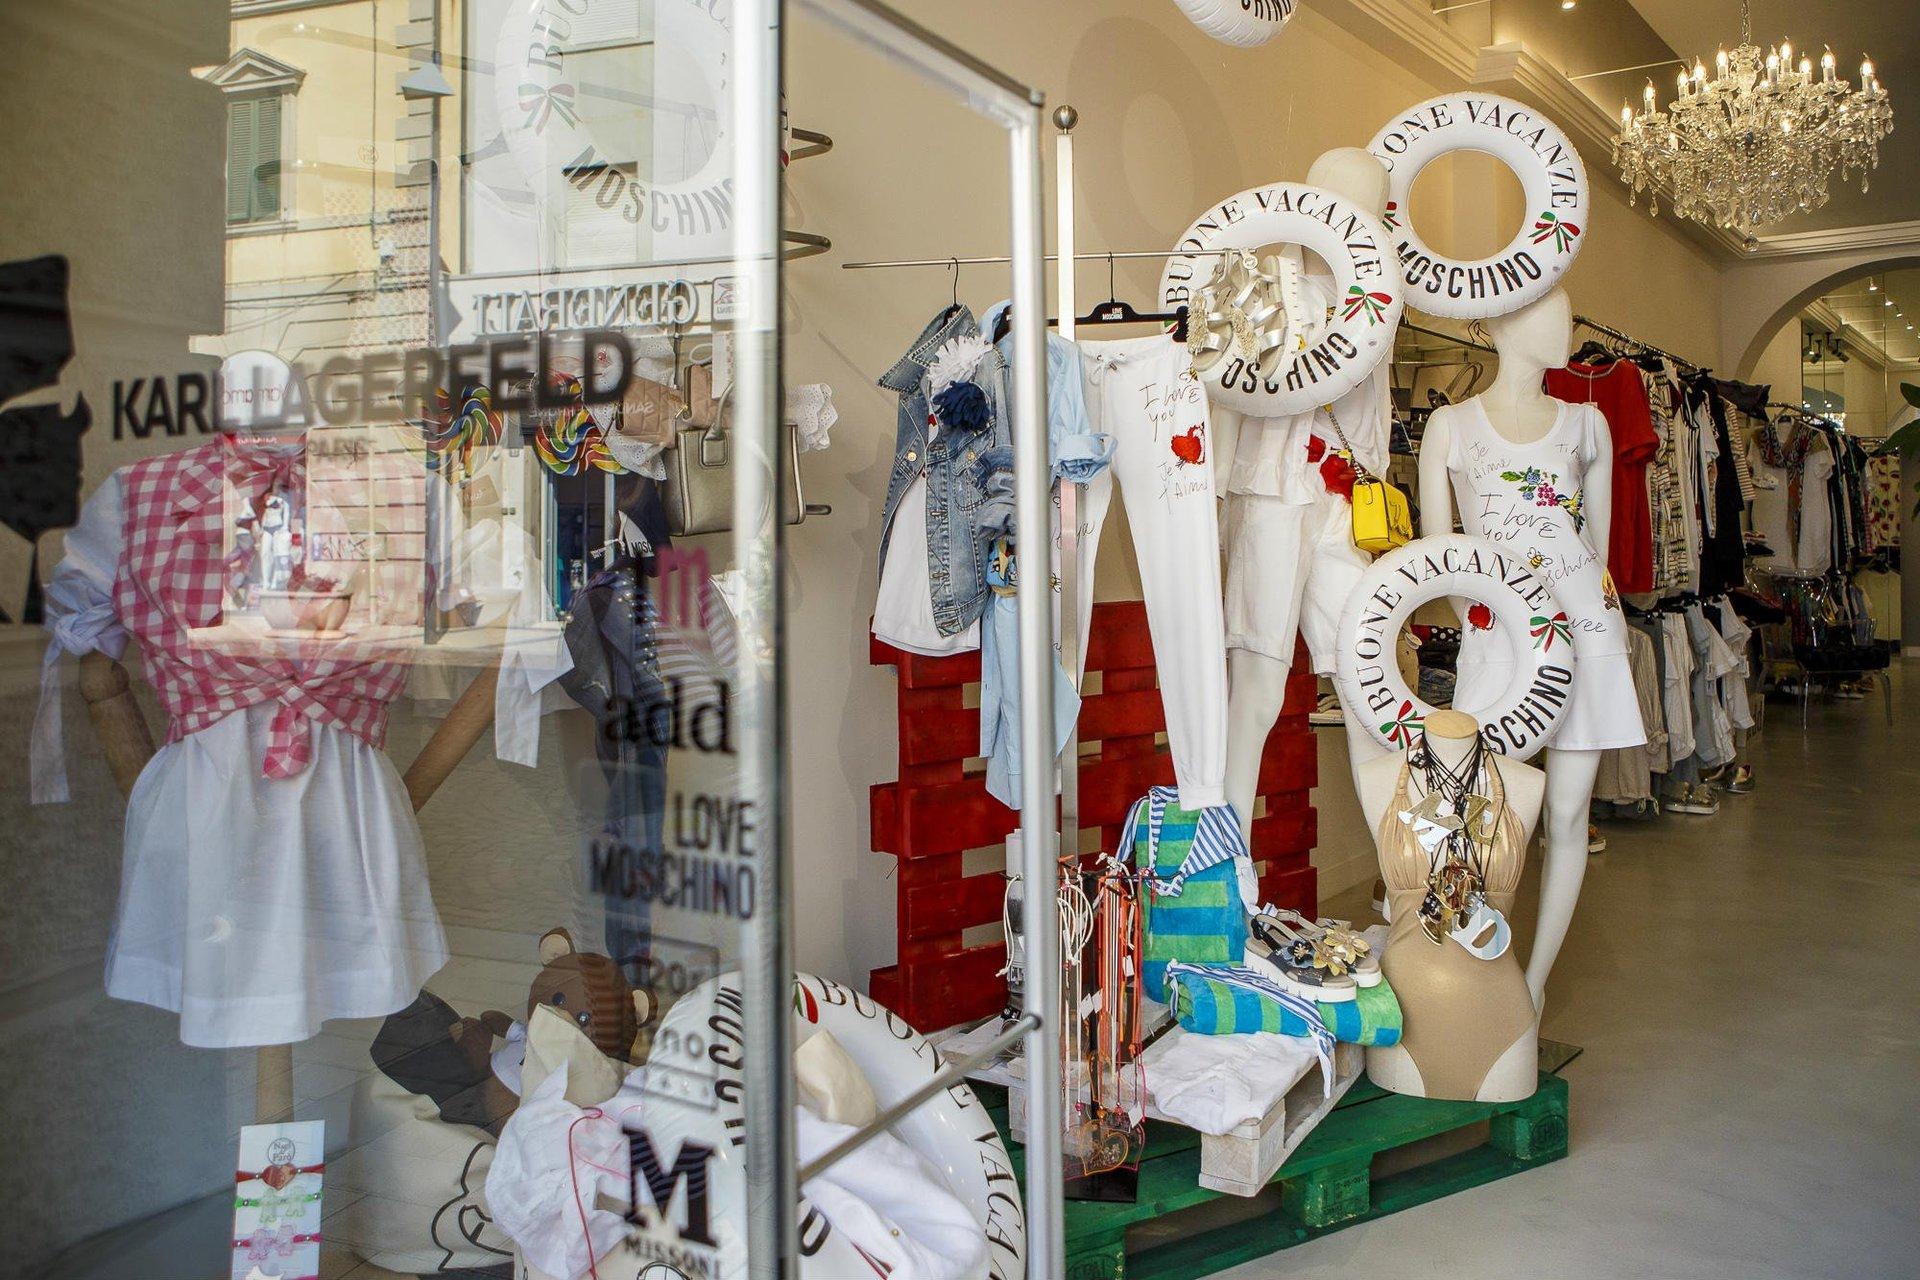 dei manichini con abbigliamento estivo e una vetrata con scritto Karl Lagerfeld